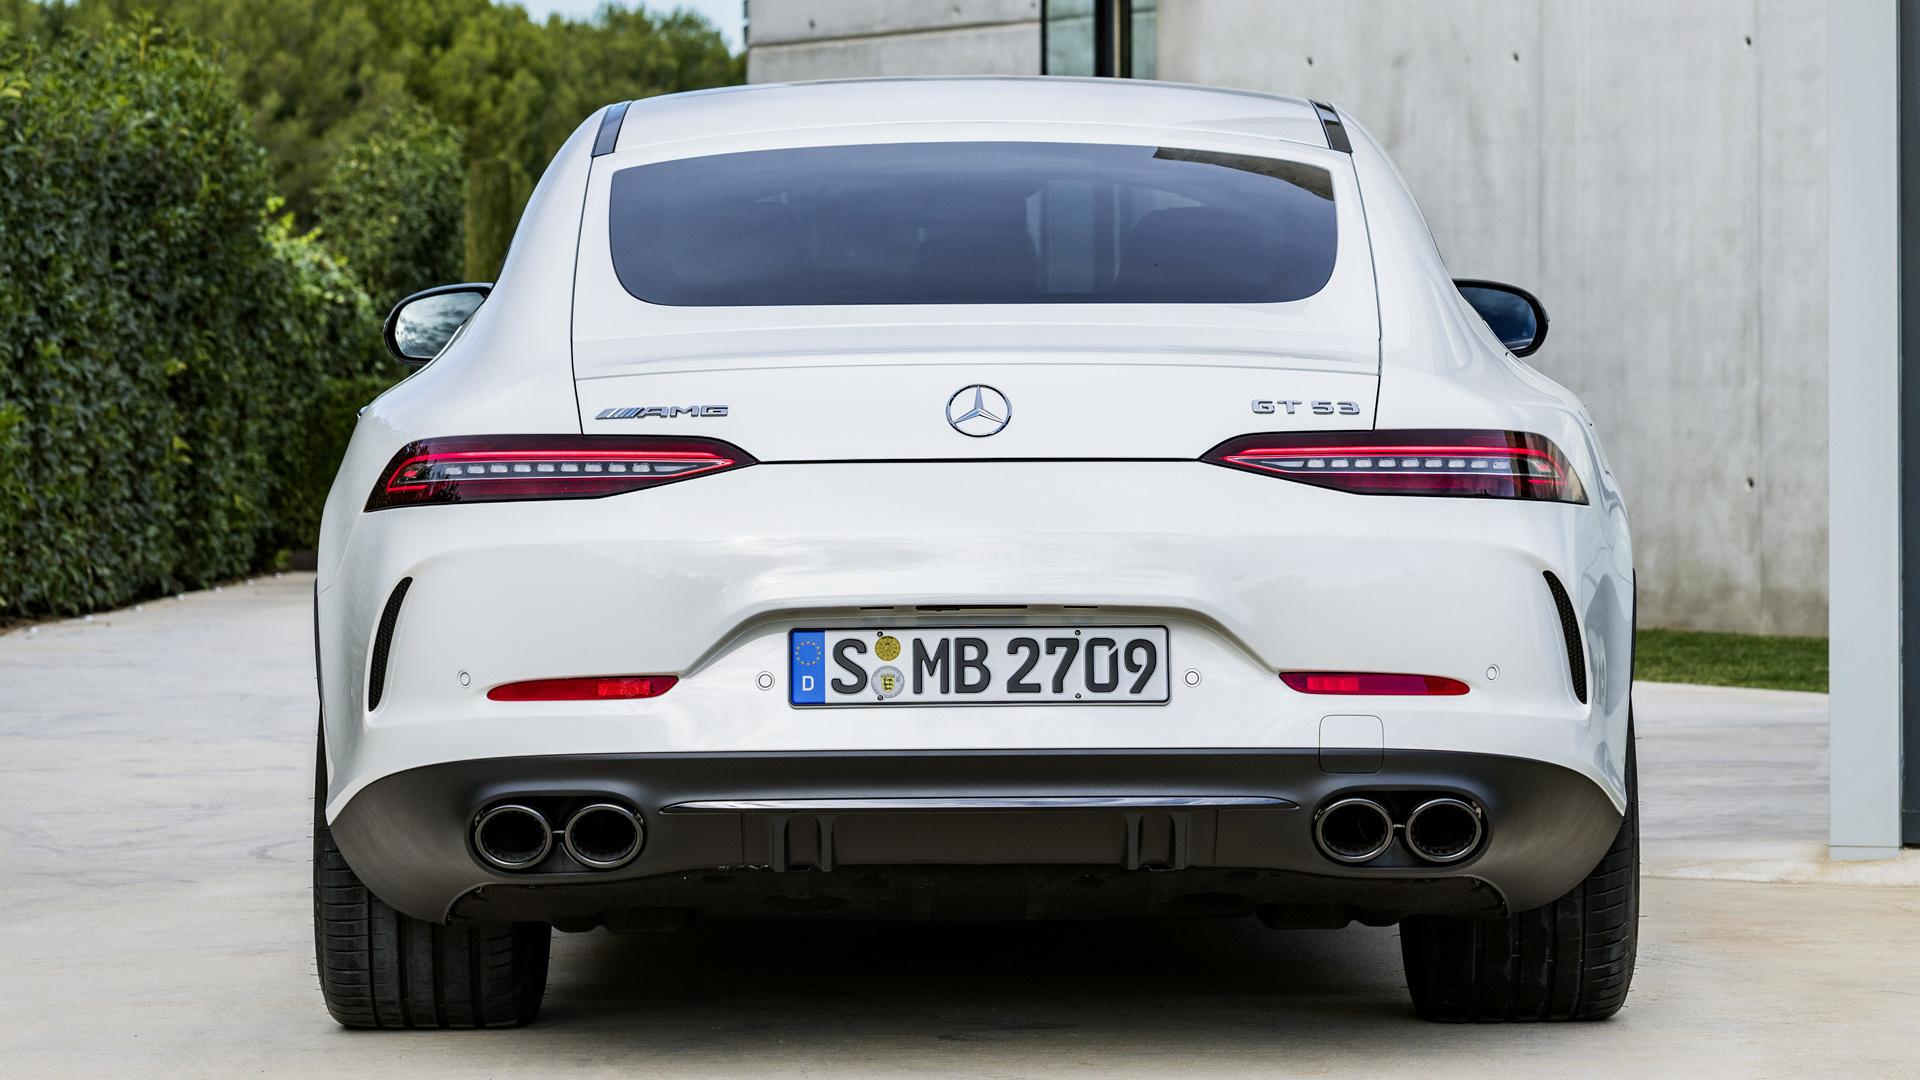 Mercedes-AMG GT 53 [4-door] (2018) Wallpapers and HD ...